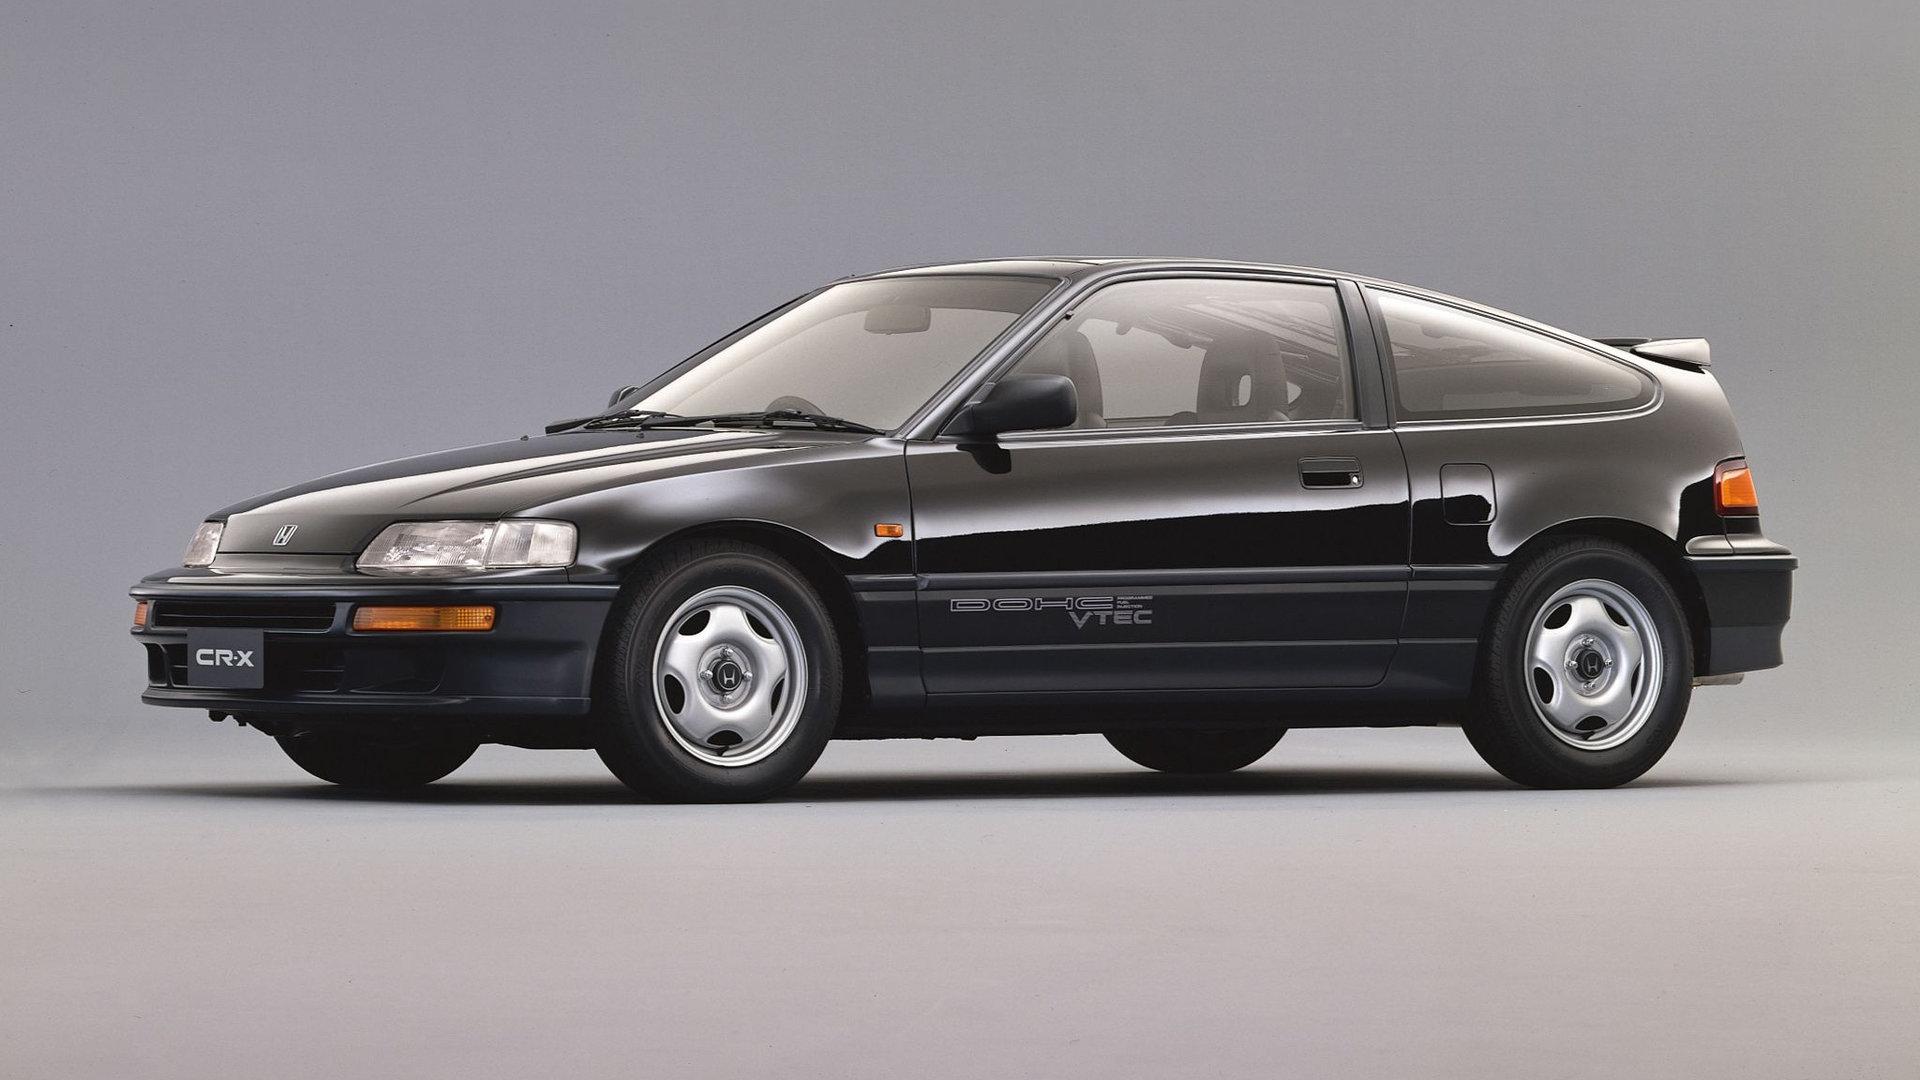 Honda Civic CRX (EF)